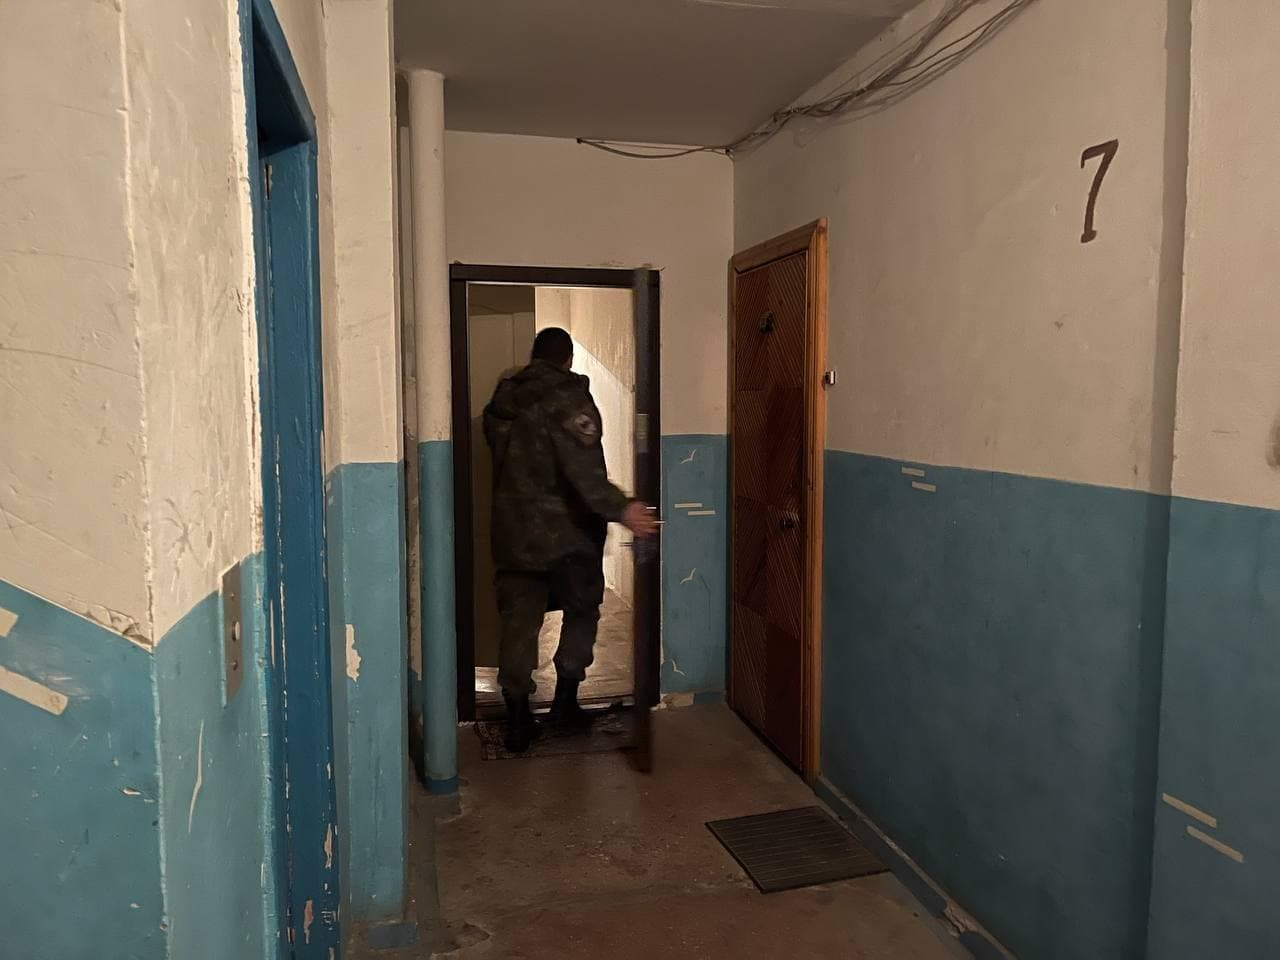 Криворожанин грозился взорвать гранату в квартире. Жена вызвала полицию, - ФОТО, фото-6